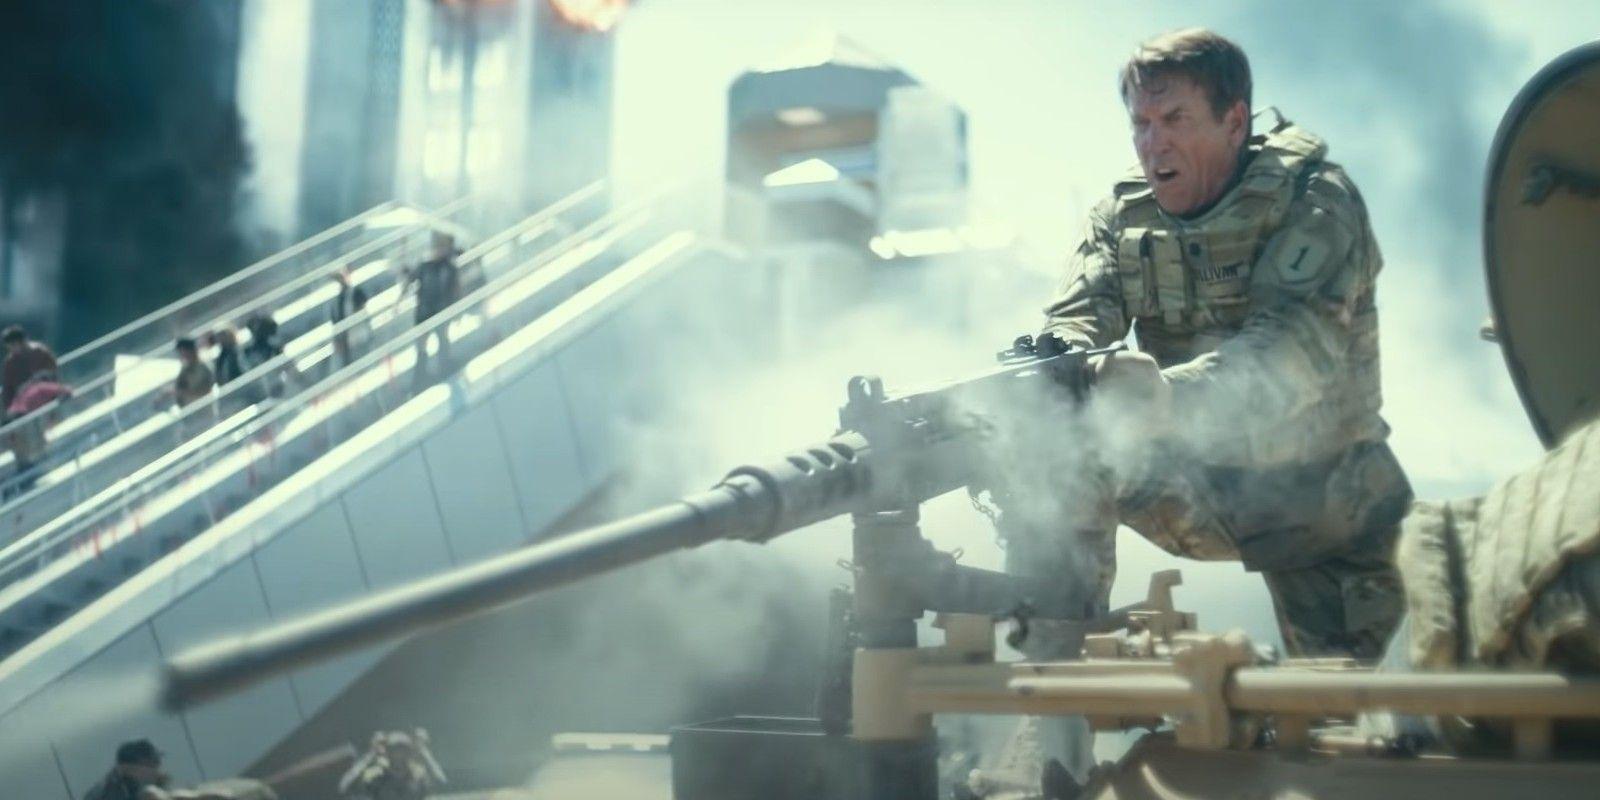 Análise do trailer Army of the Dead: Invasão em Las Vegas: 31 revelações e segredos da história 24